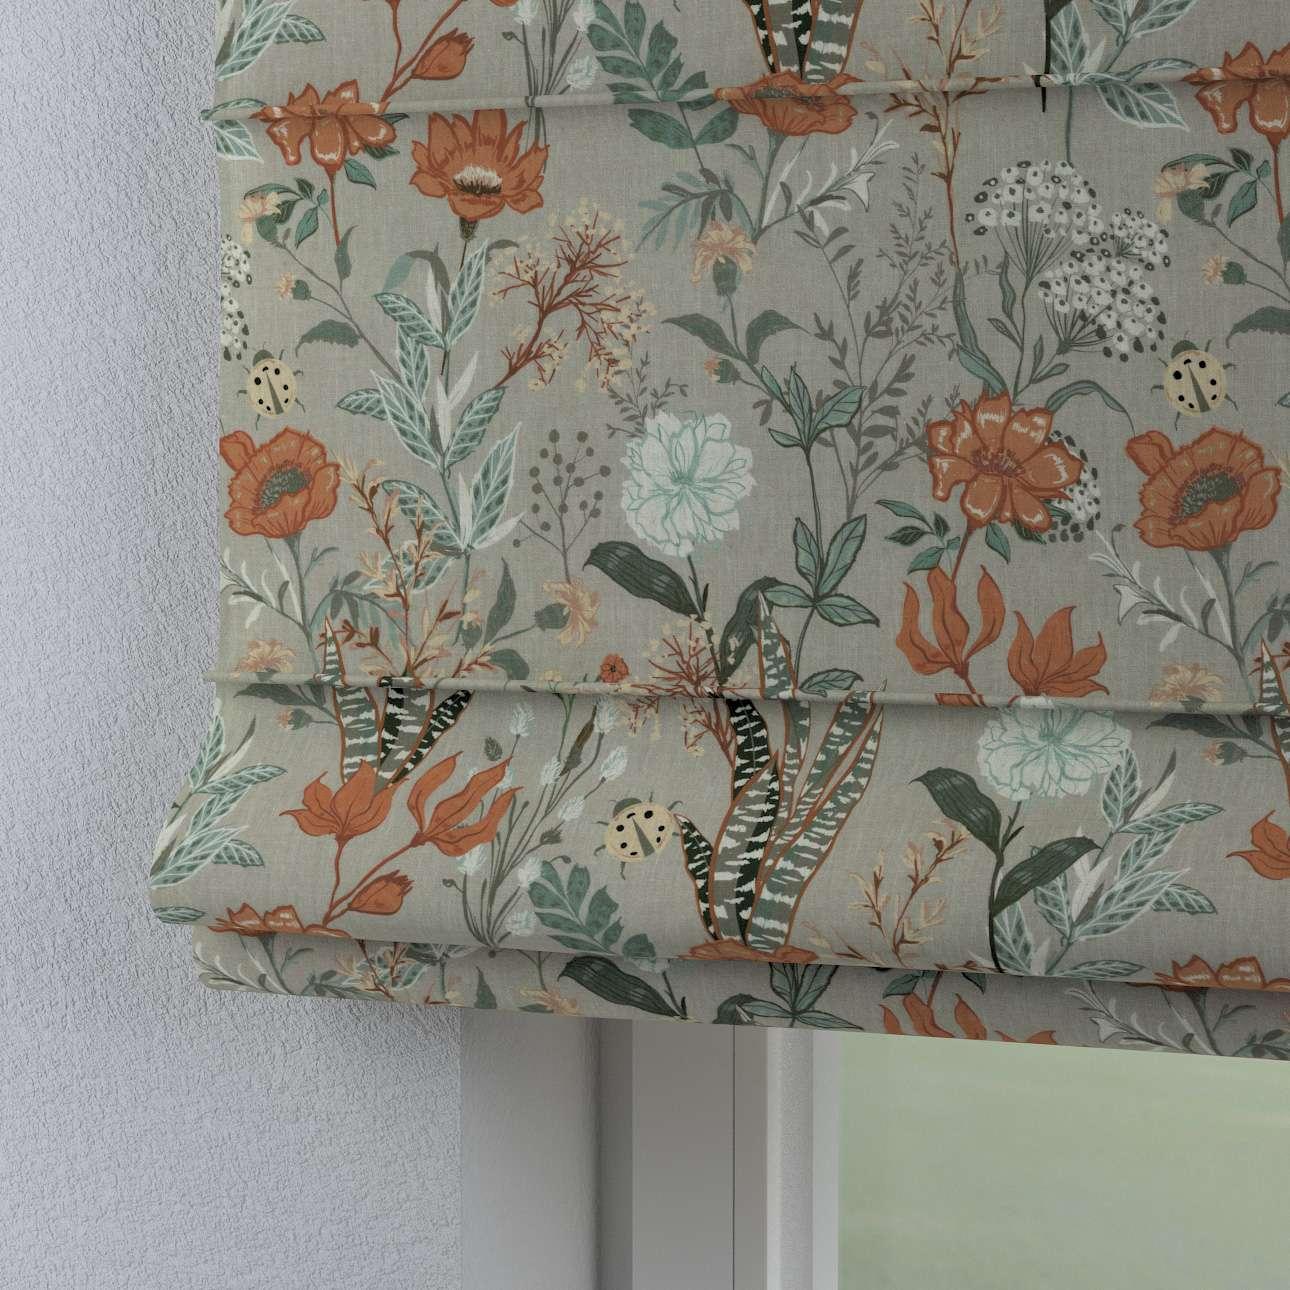 Roleta rzymska Capri w kolekcji Flowers, tkanina: 143-70